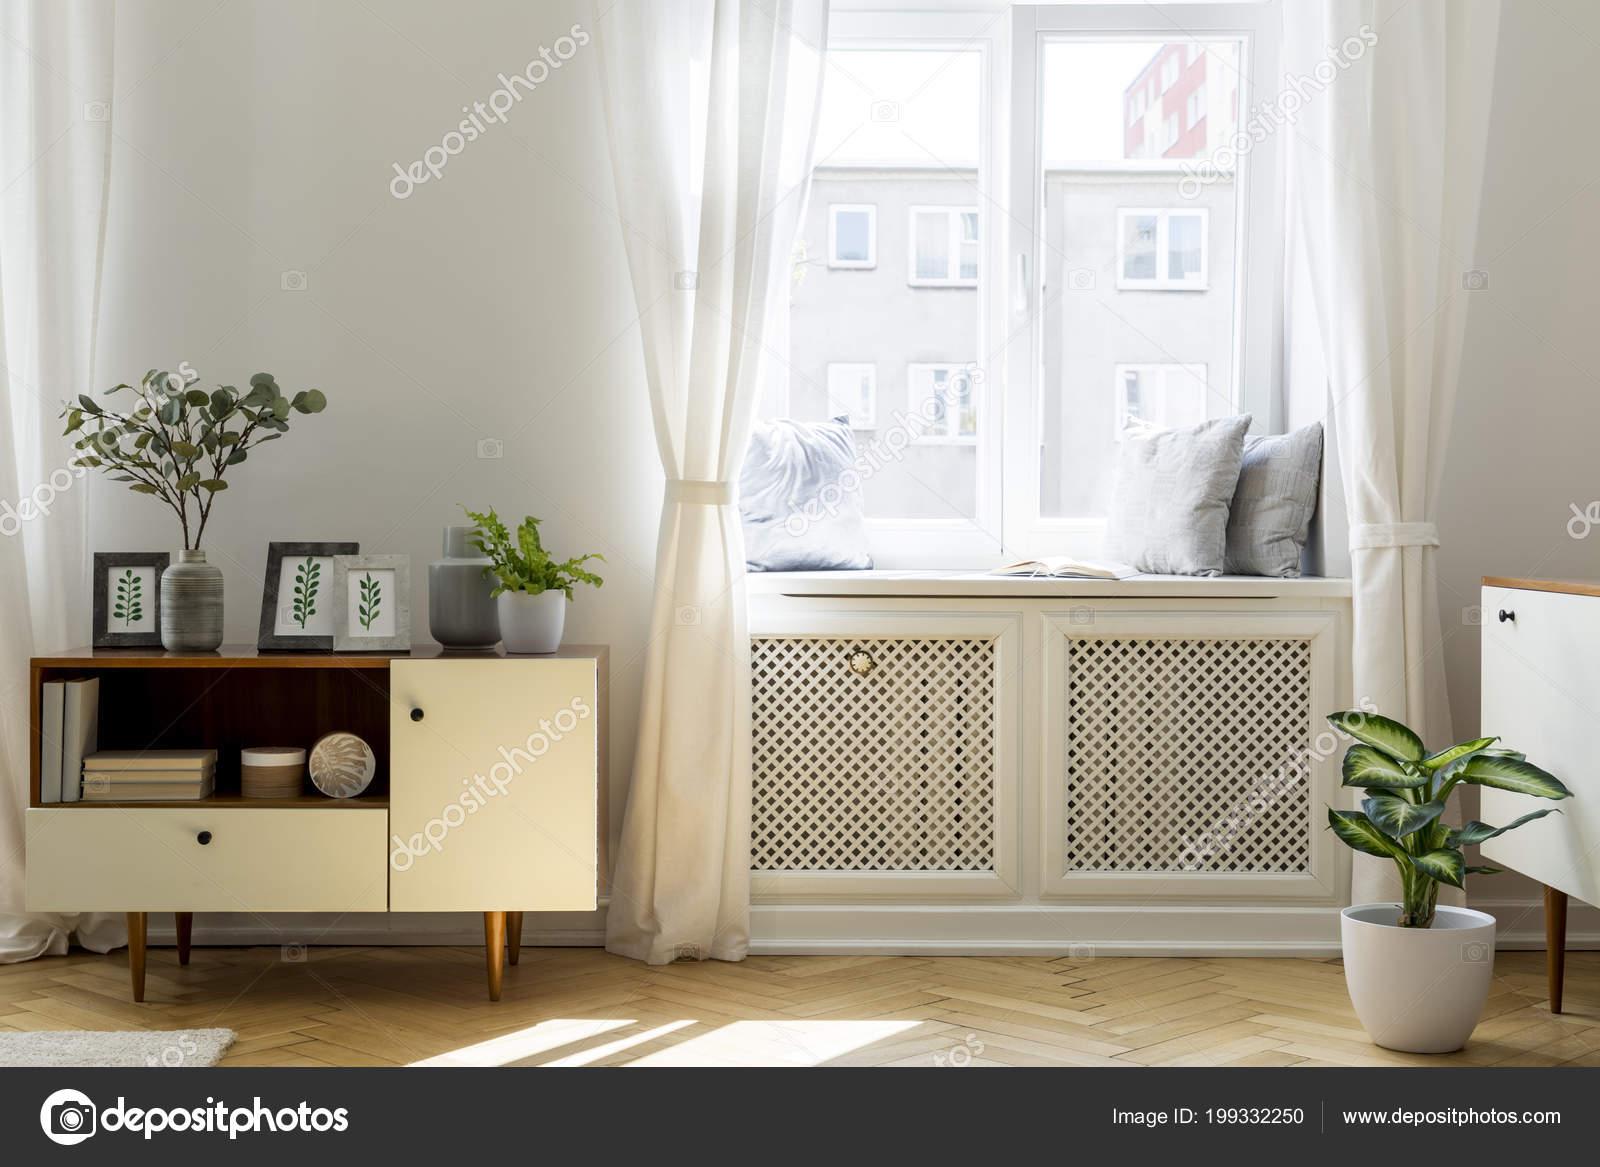 Witte Kast Woonkamer : Plant houten kast witte woonkamer interieur met venster echte foto